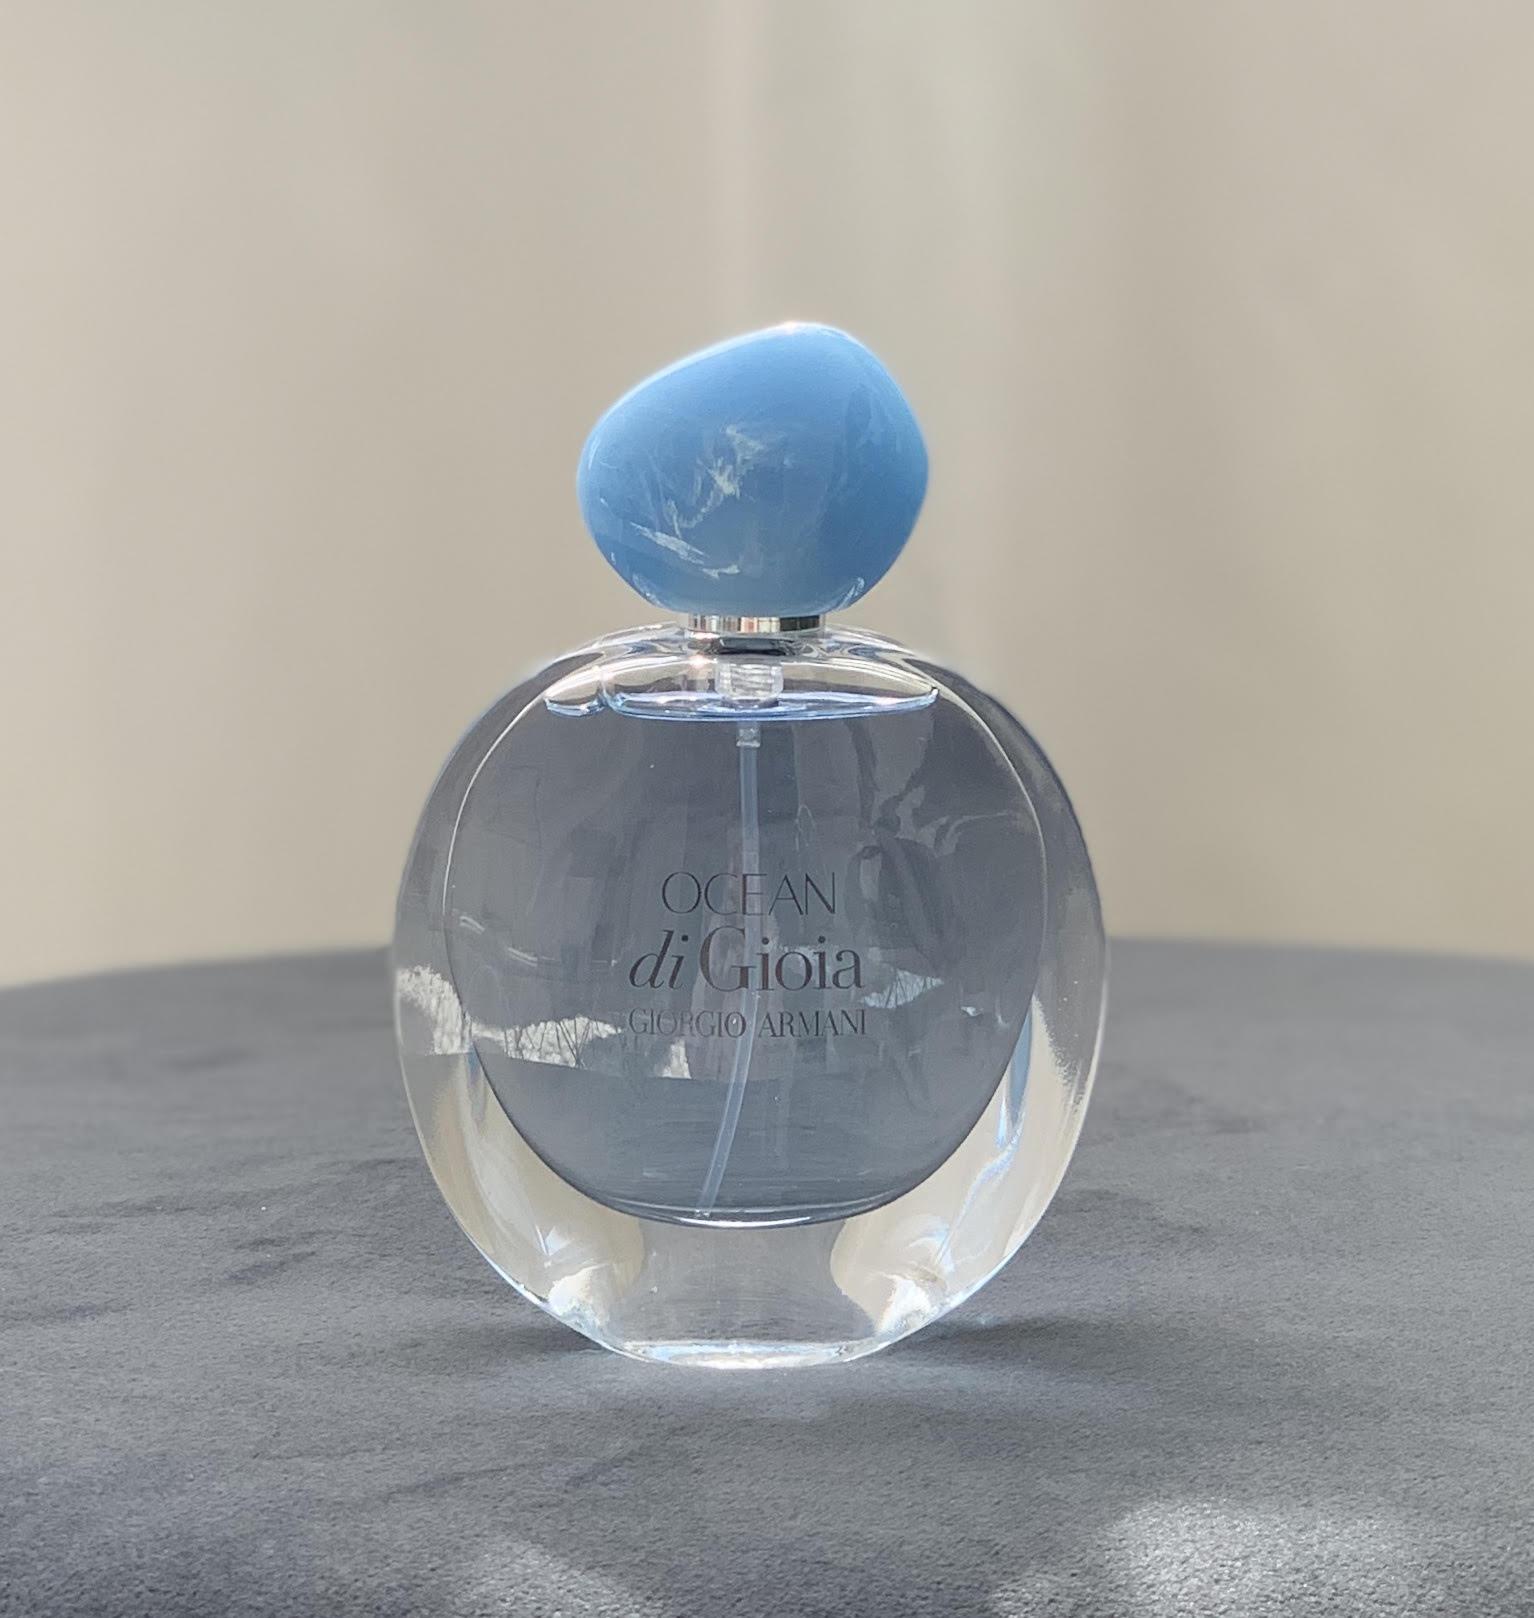 Parfume, sommerparfumer, lette dufte, Ocean di Gioia, Giorgio Armani